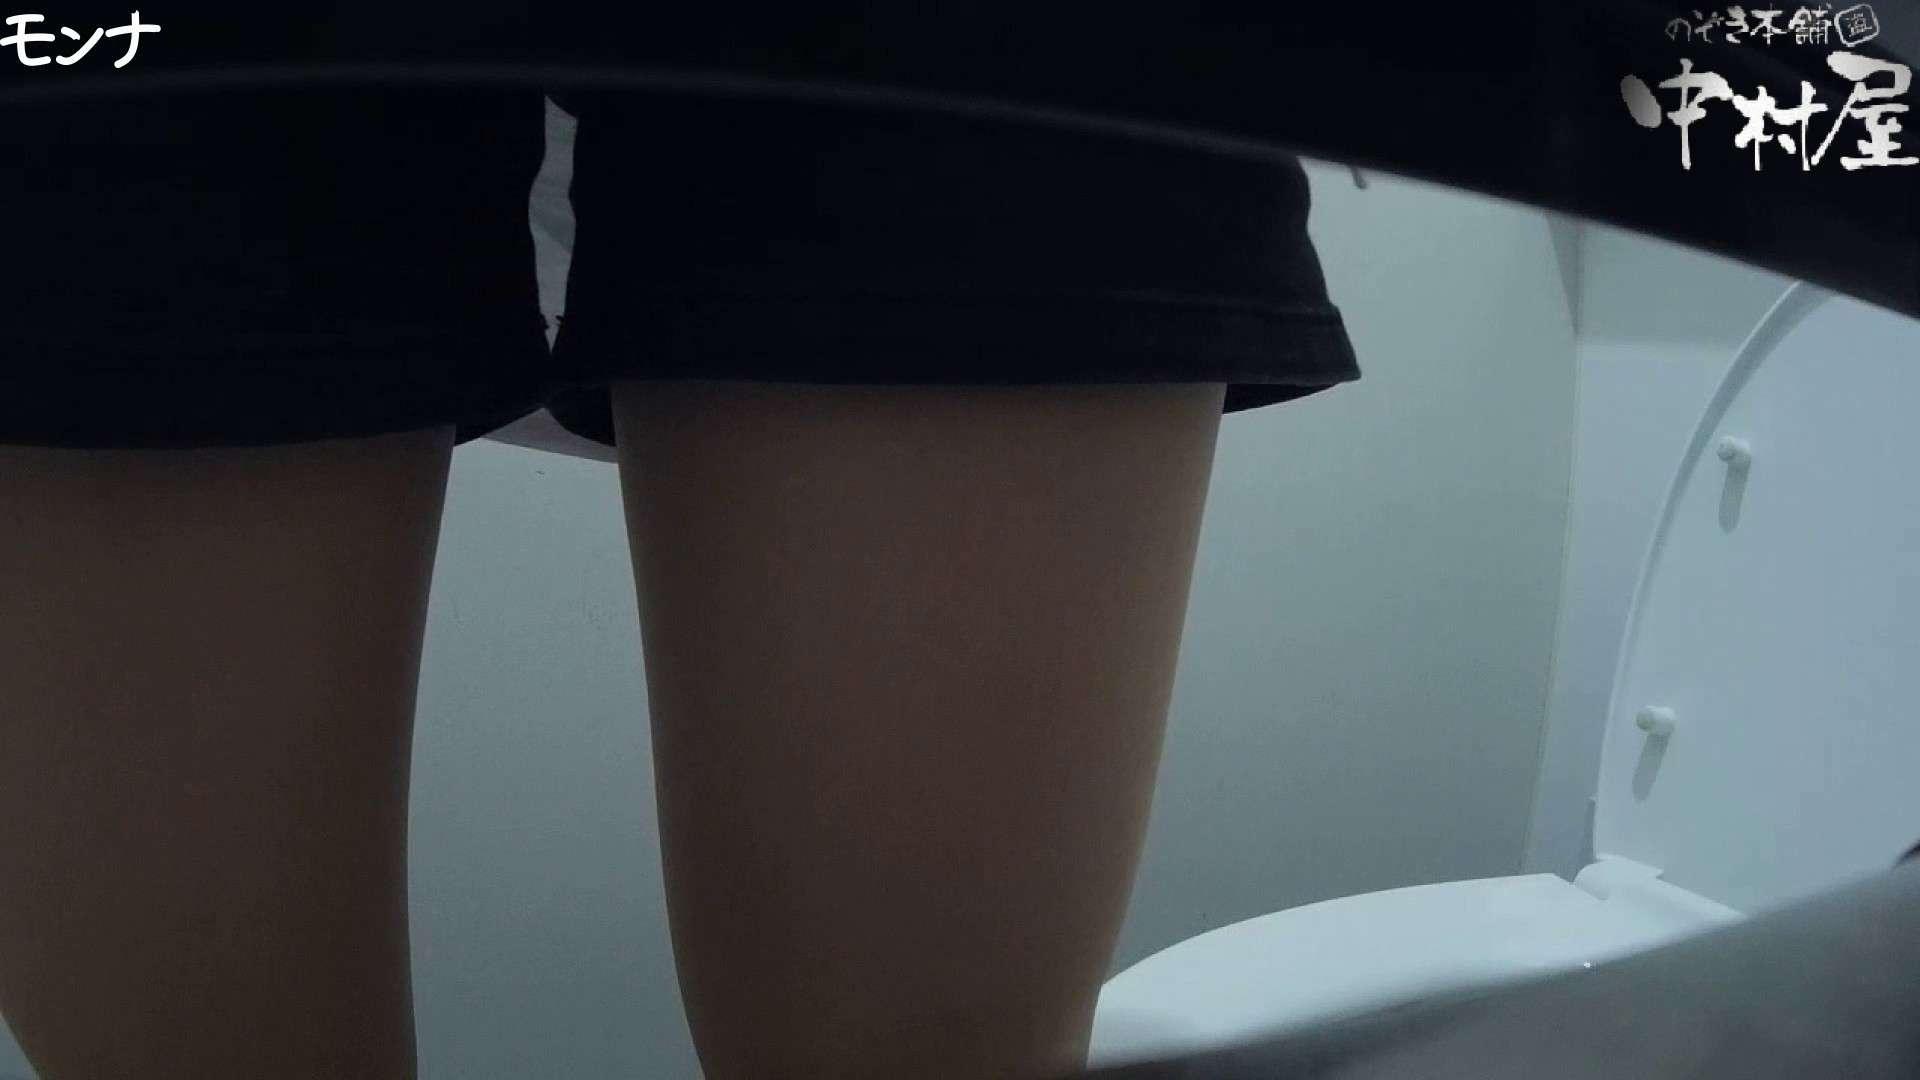 有名大学女性洗面所 vol.66 清楚系女子をがっつり!! 潜入 覗きおまんこ画像 79連発 47